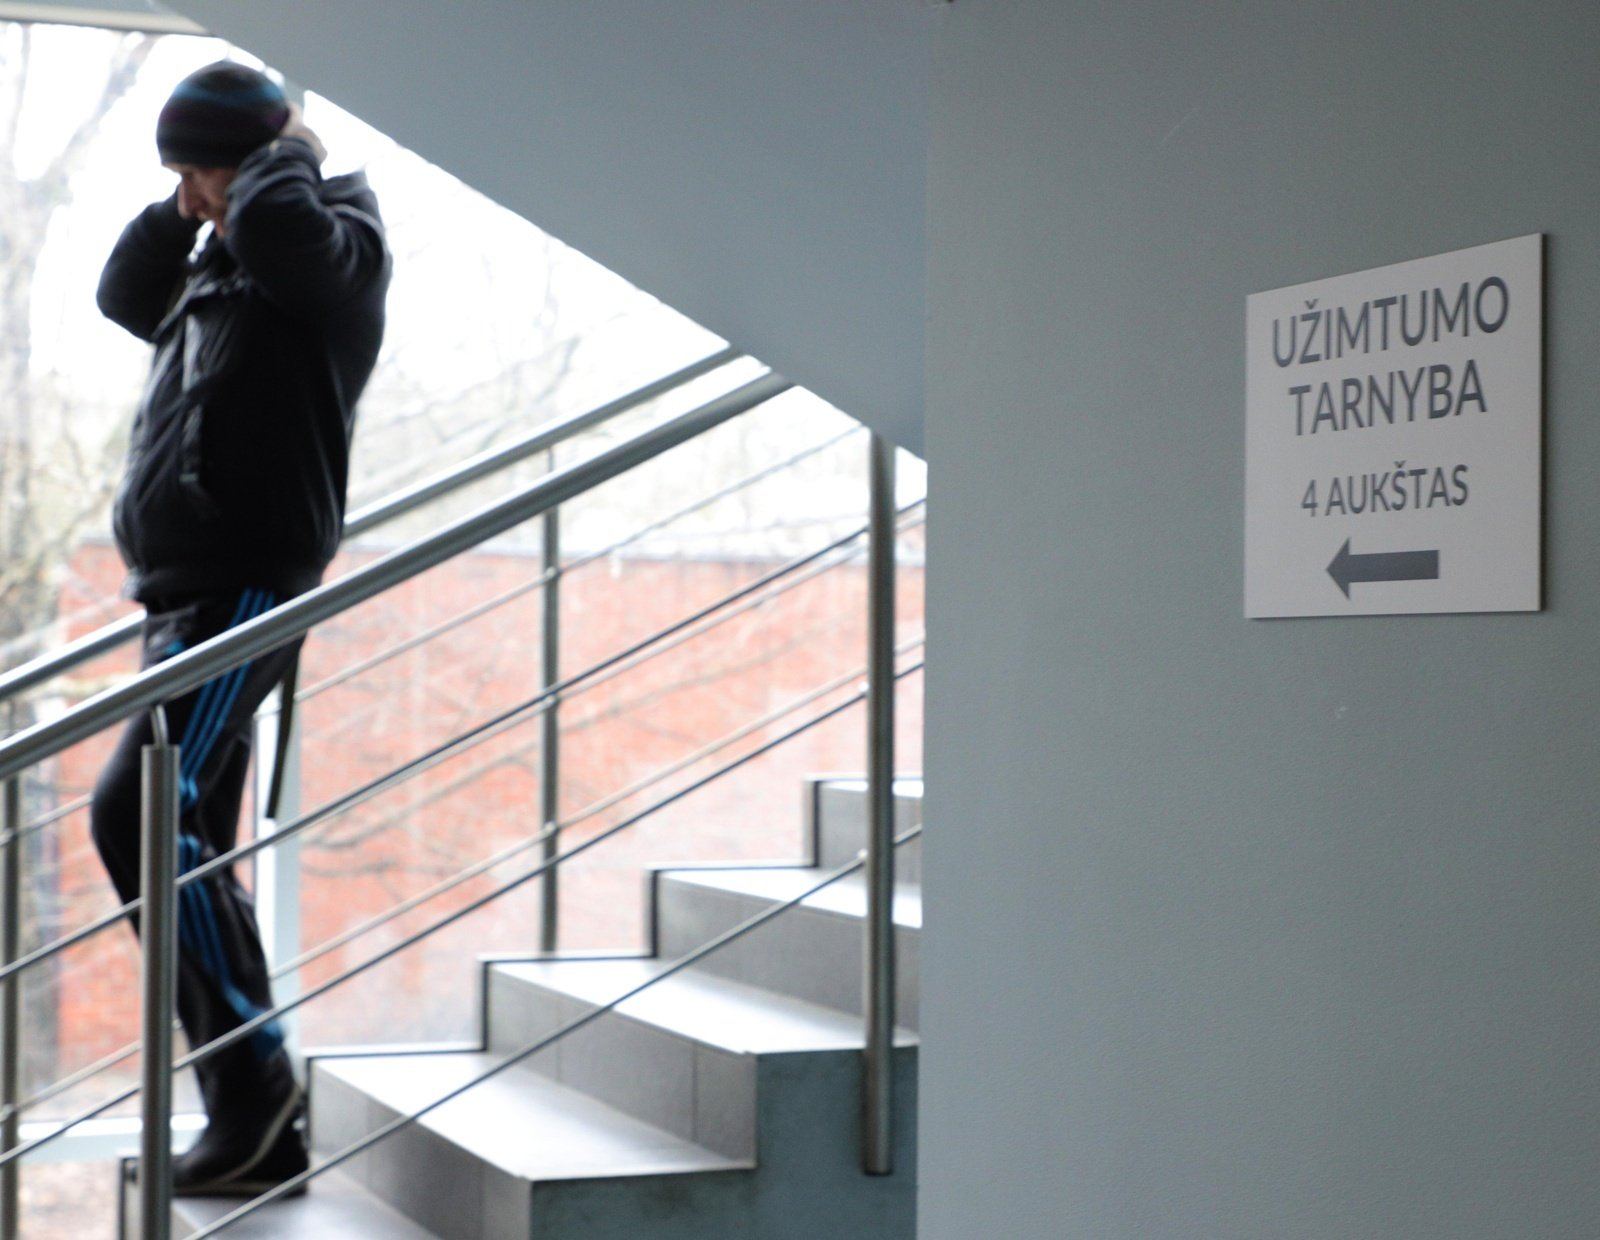 Užimtumo tarnyba: nedarbas mažėja, ryškėja kitos problemos